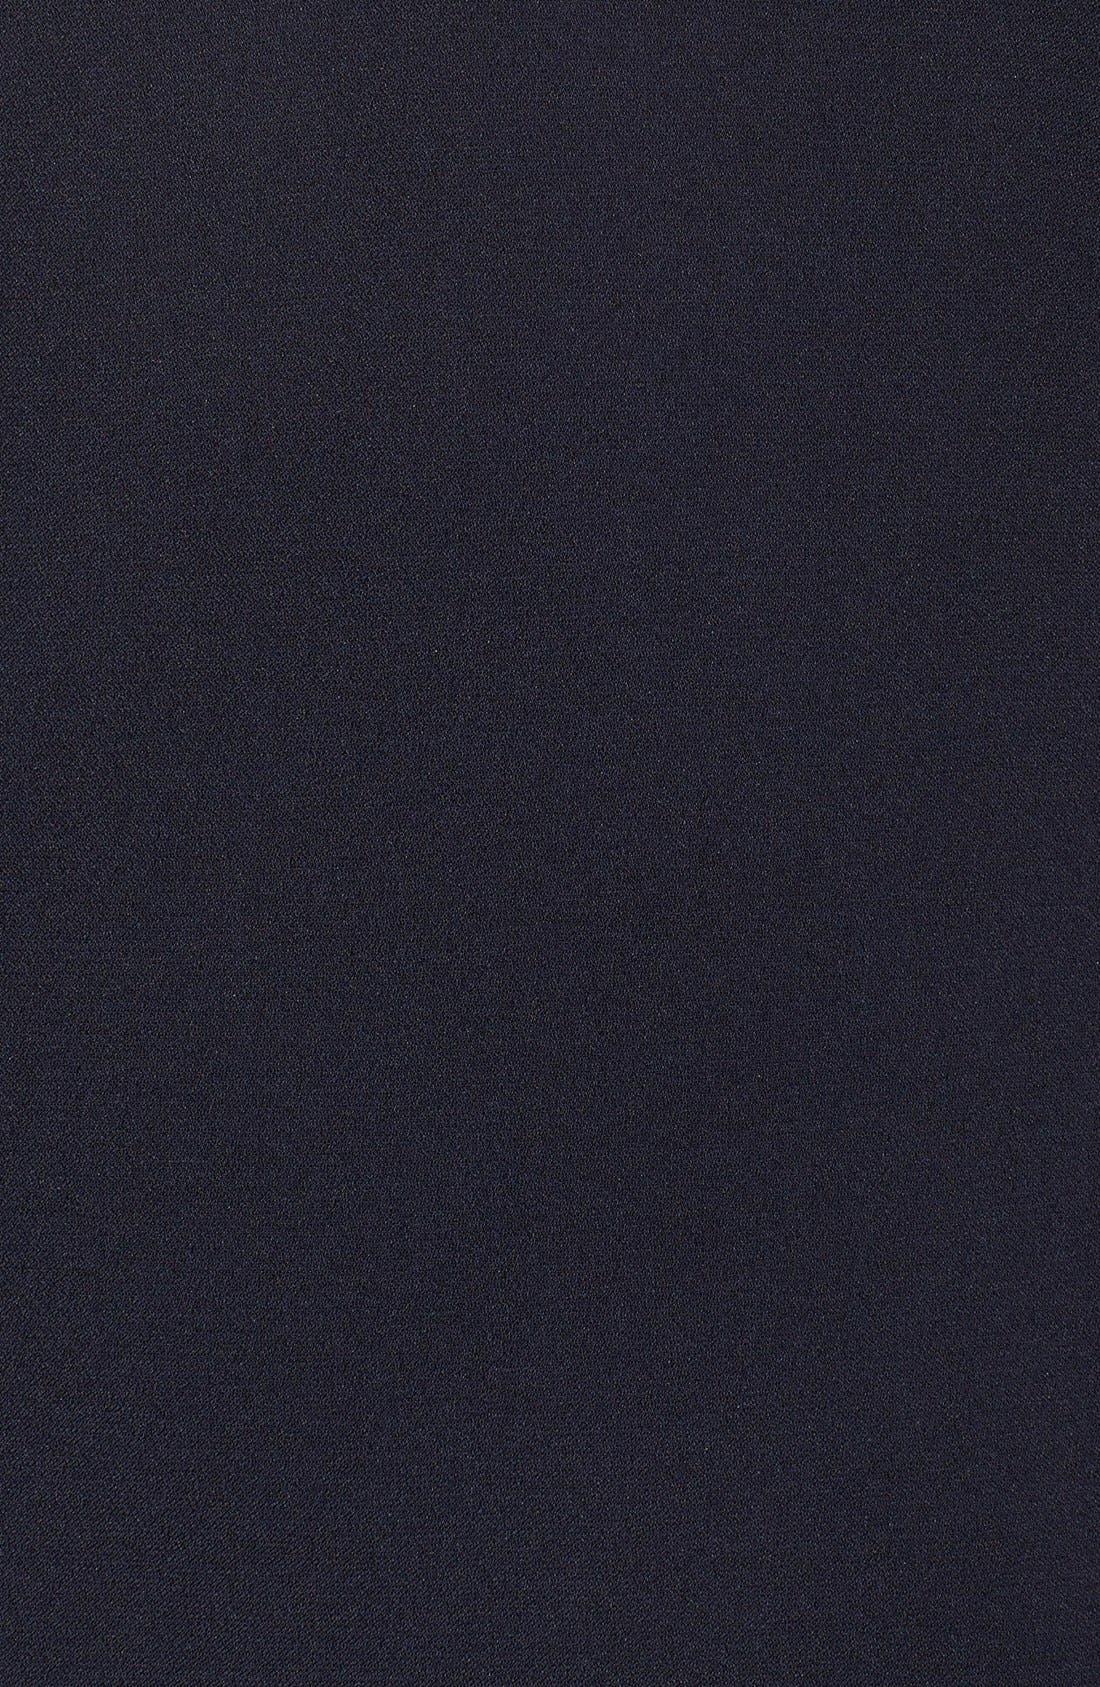 Illusion Yoke Crepe Sheath Dress,                             Alternate thumbnail 6, color,                             402